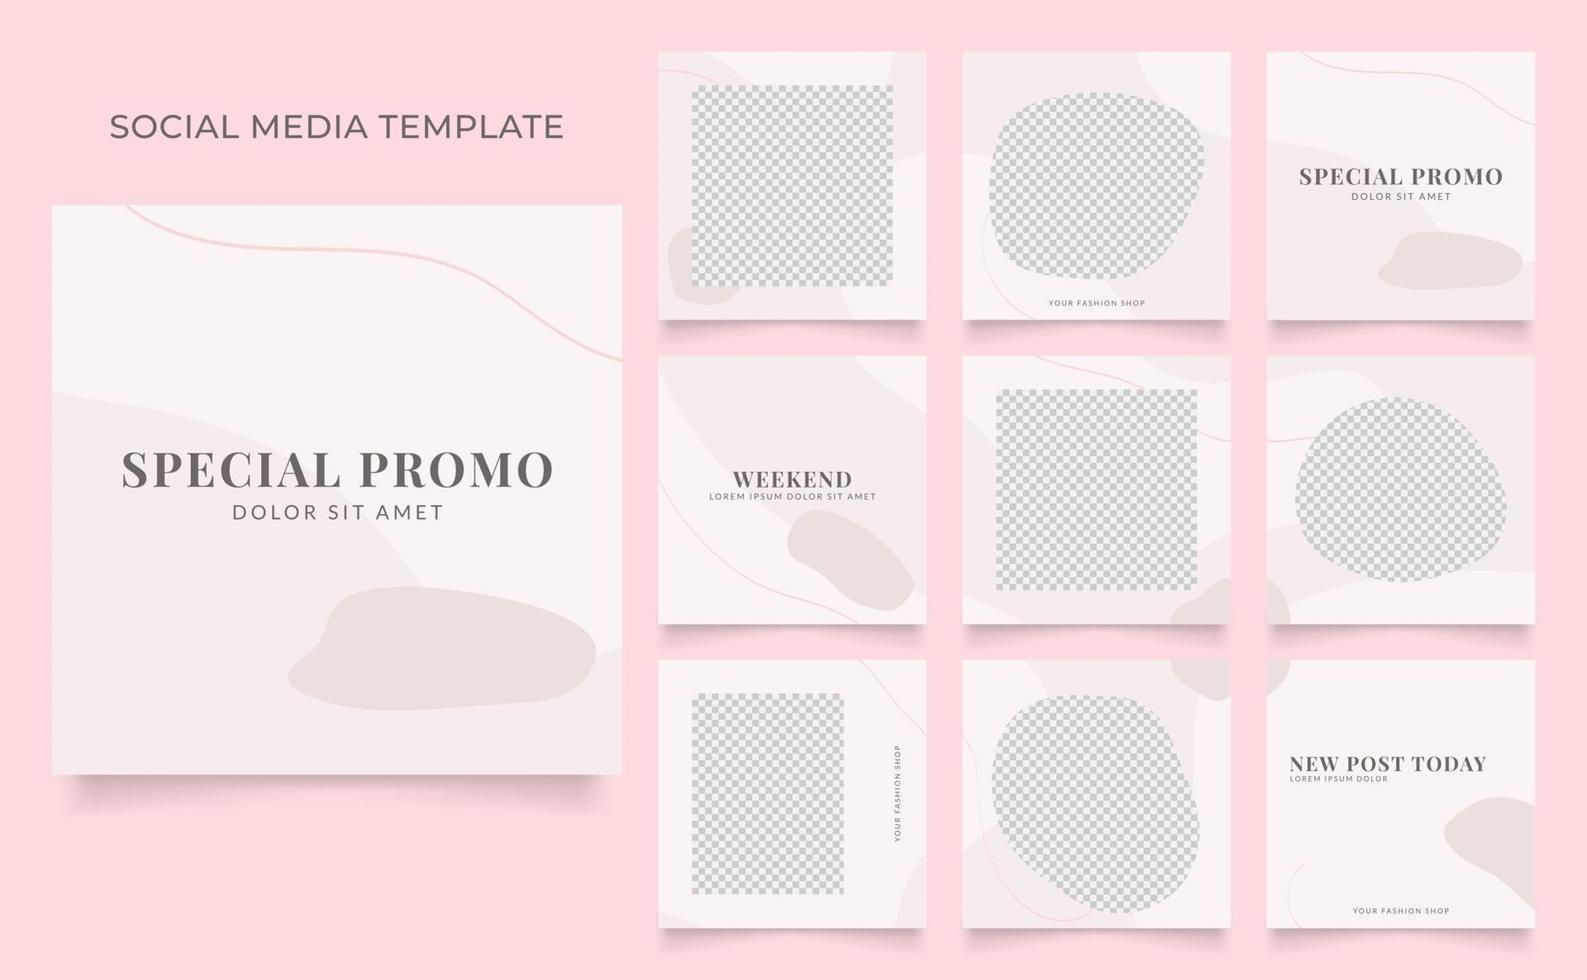 promozione di vendita di moda di blog di banner modello di social media. poster di vendita organica di puzzle con cornice quadrata completamente modificabile. sfondo vettoriale rosa rosso bianco